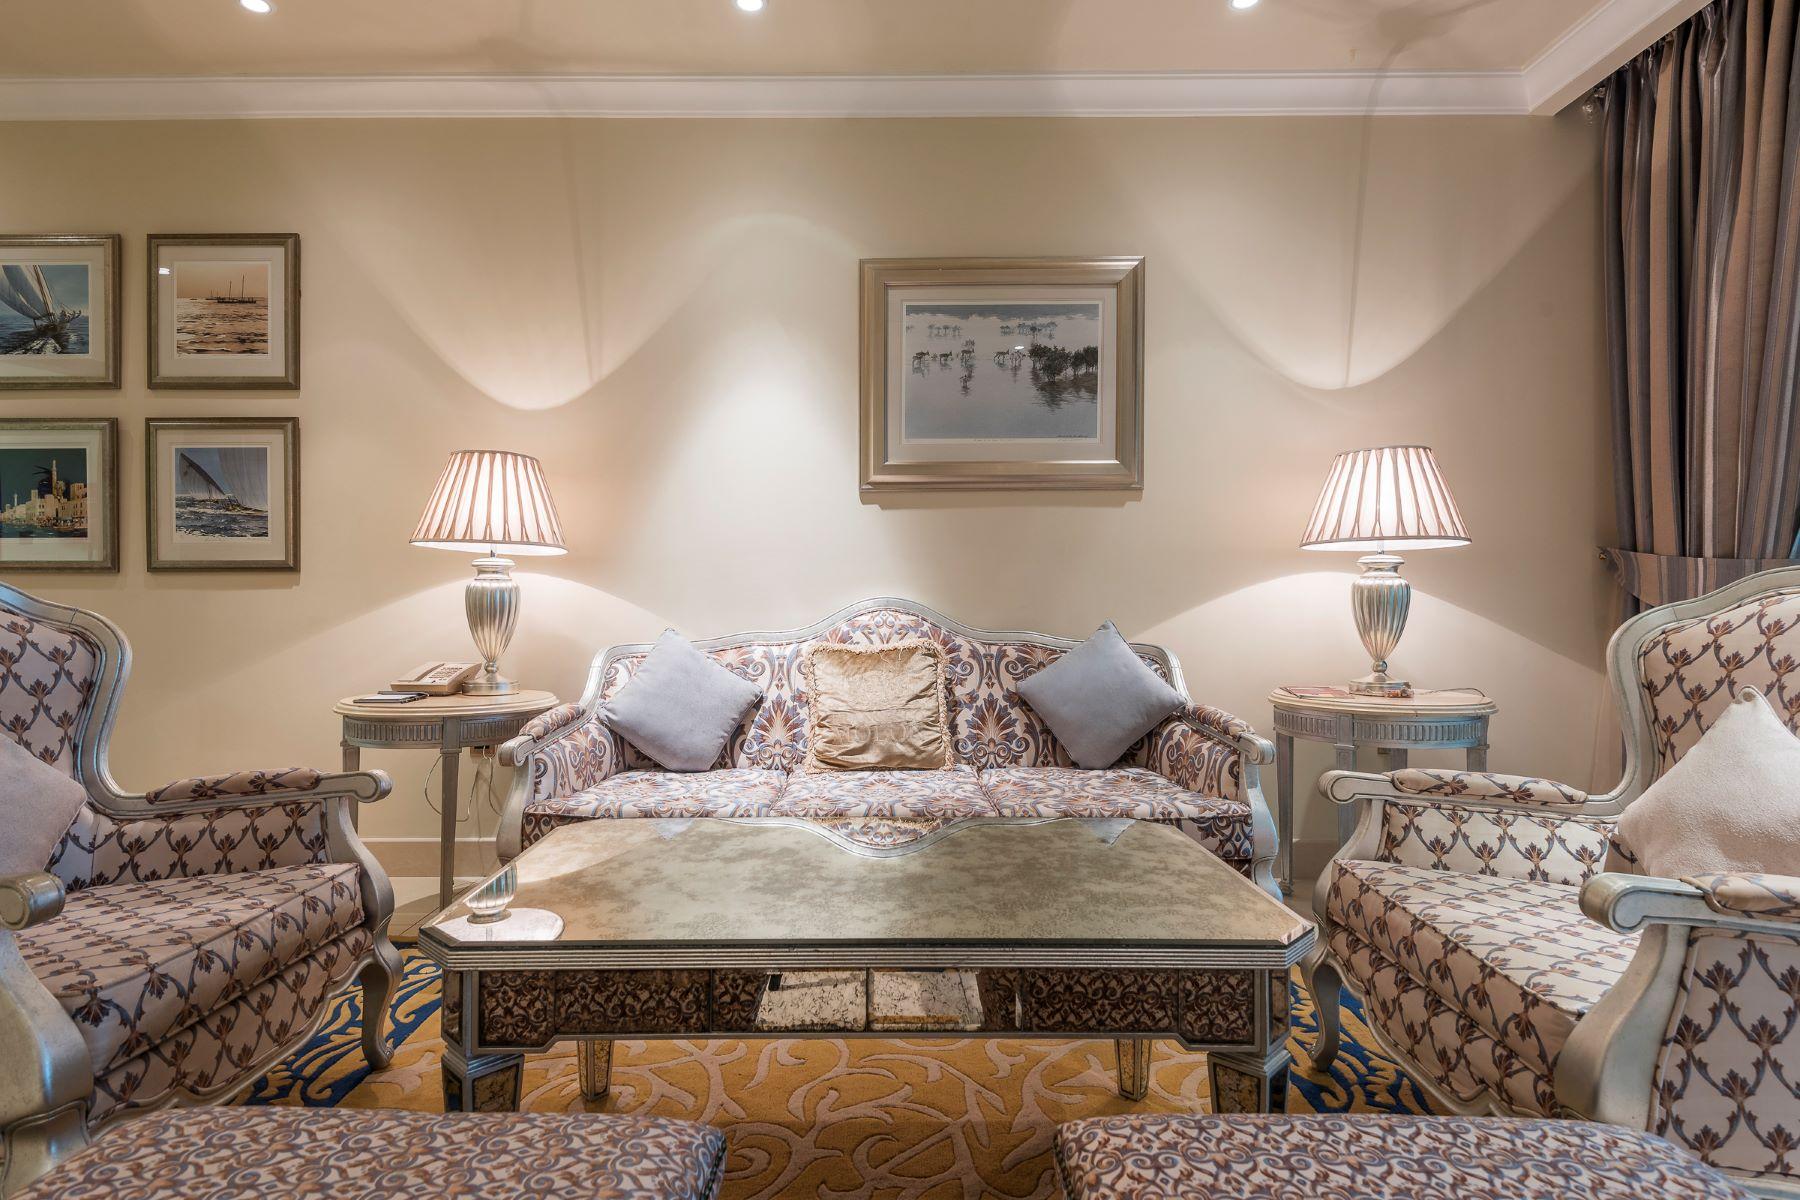 Квартира для того Продажа на Kempinski Residence Dubai, Объединенные Арабские Эмираты